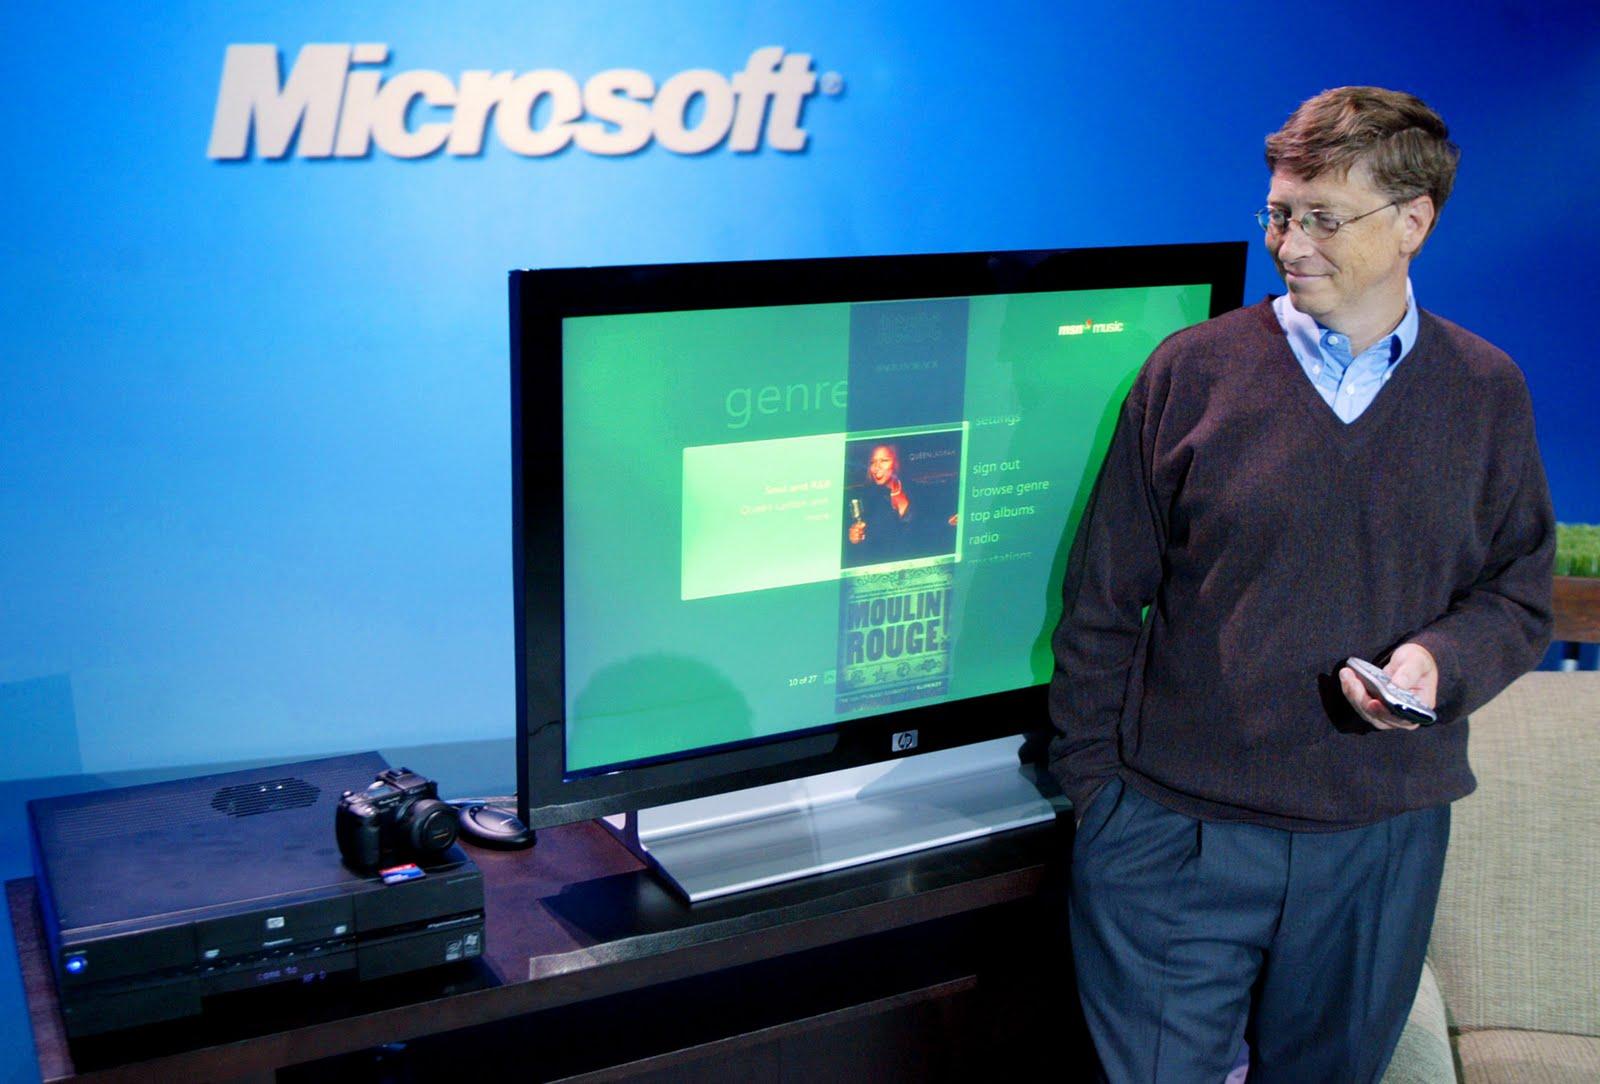 Microsoft picture it foto 2001